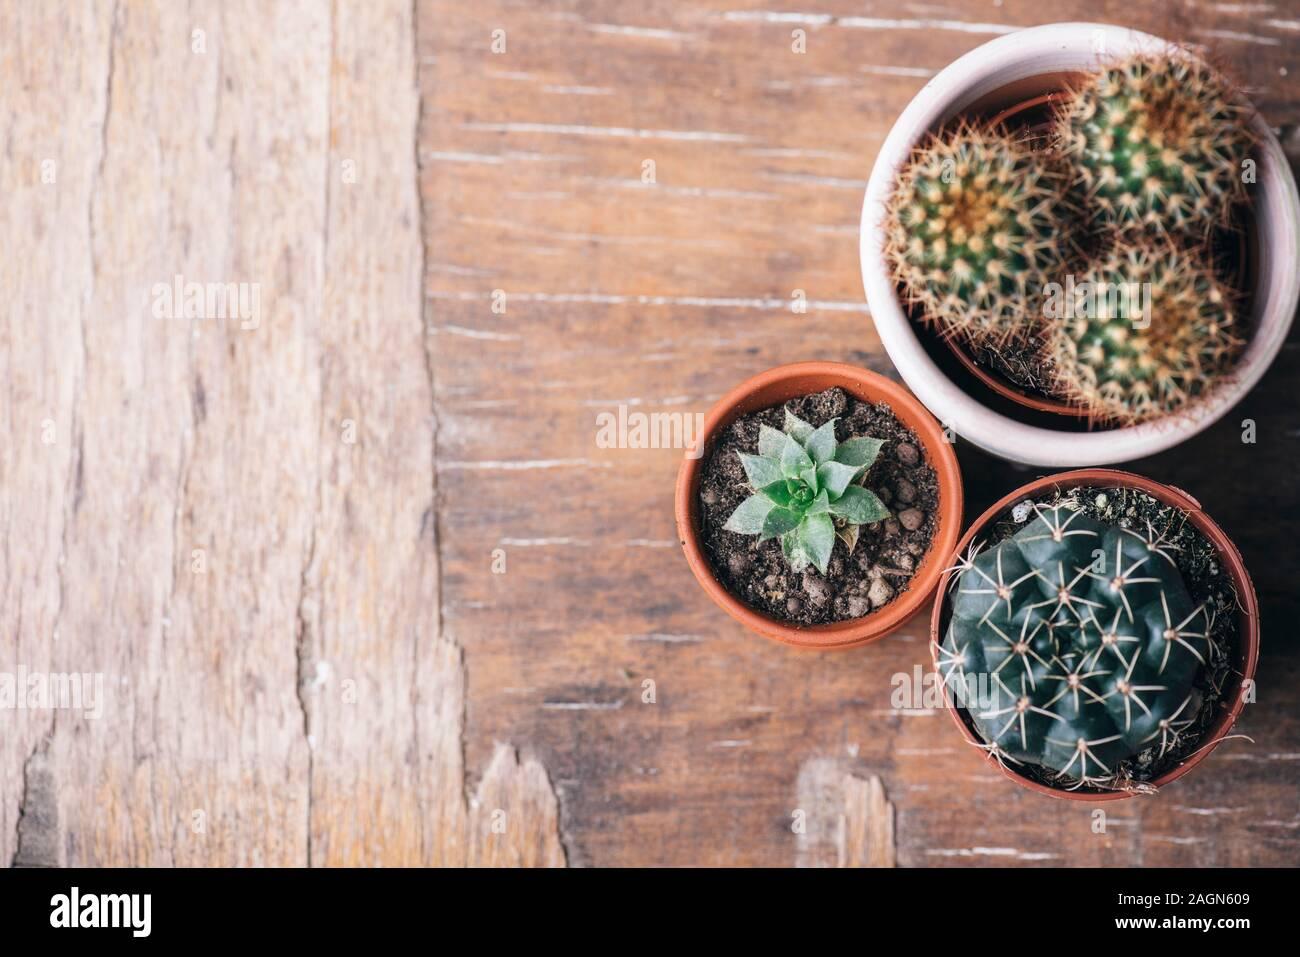 Varias plantas de cactus y suculentas en olla de barro y herramienta de jardinería sobre fondo de madera vintage desde arriba. Houseplant creciente afición y spring flower Foto de stock